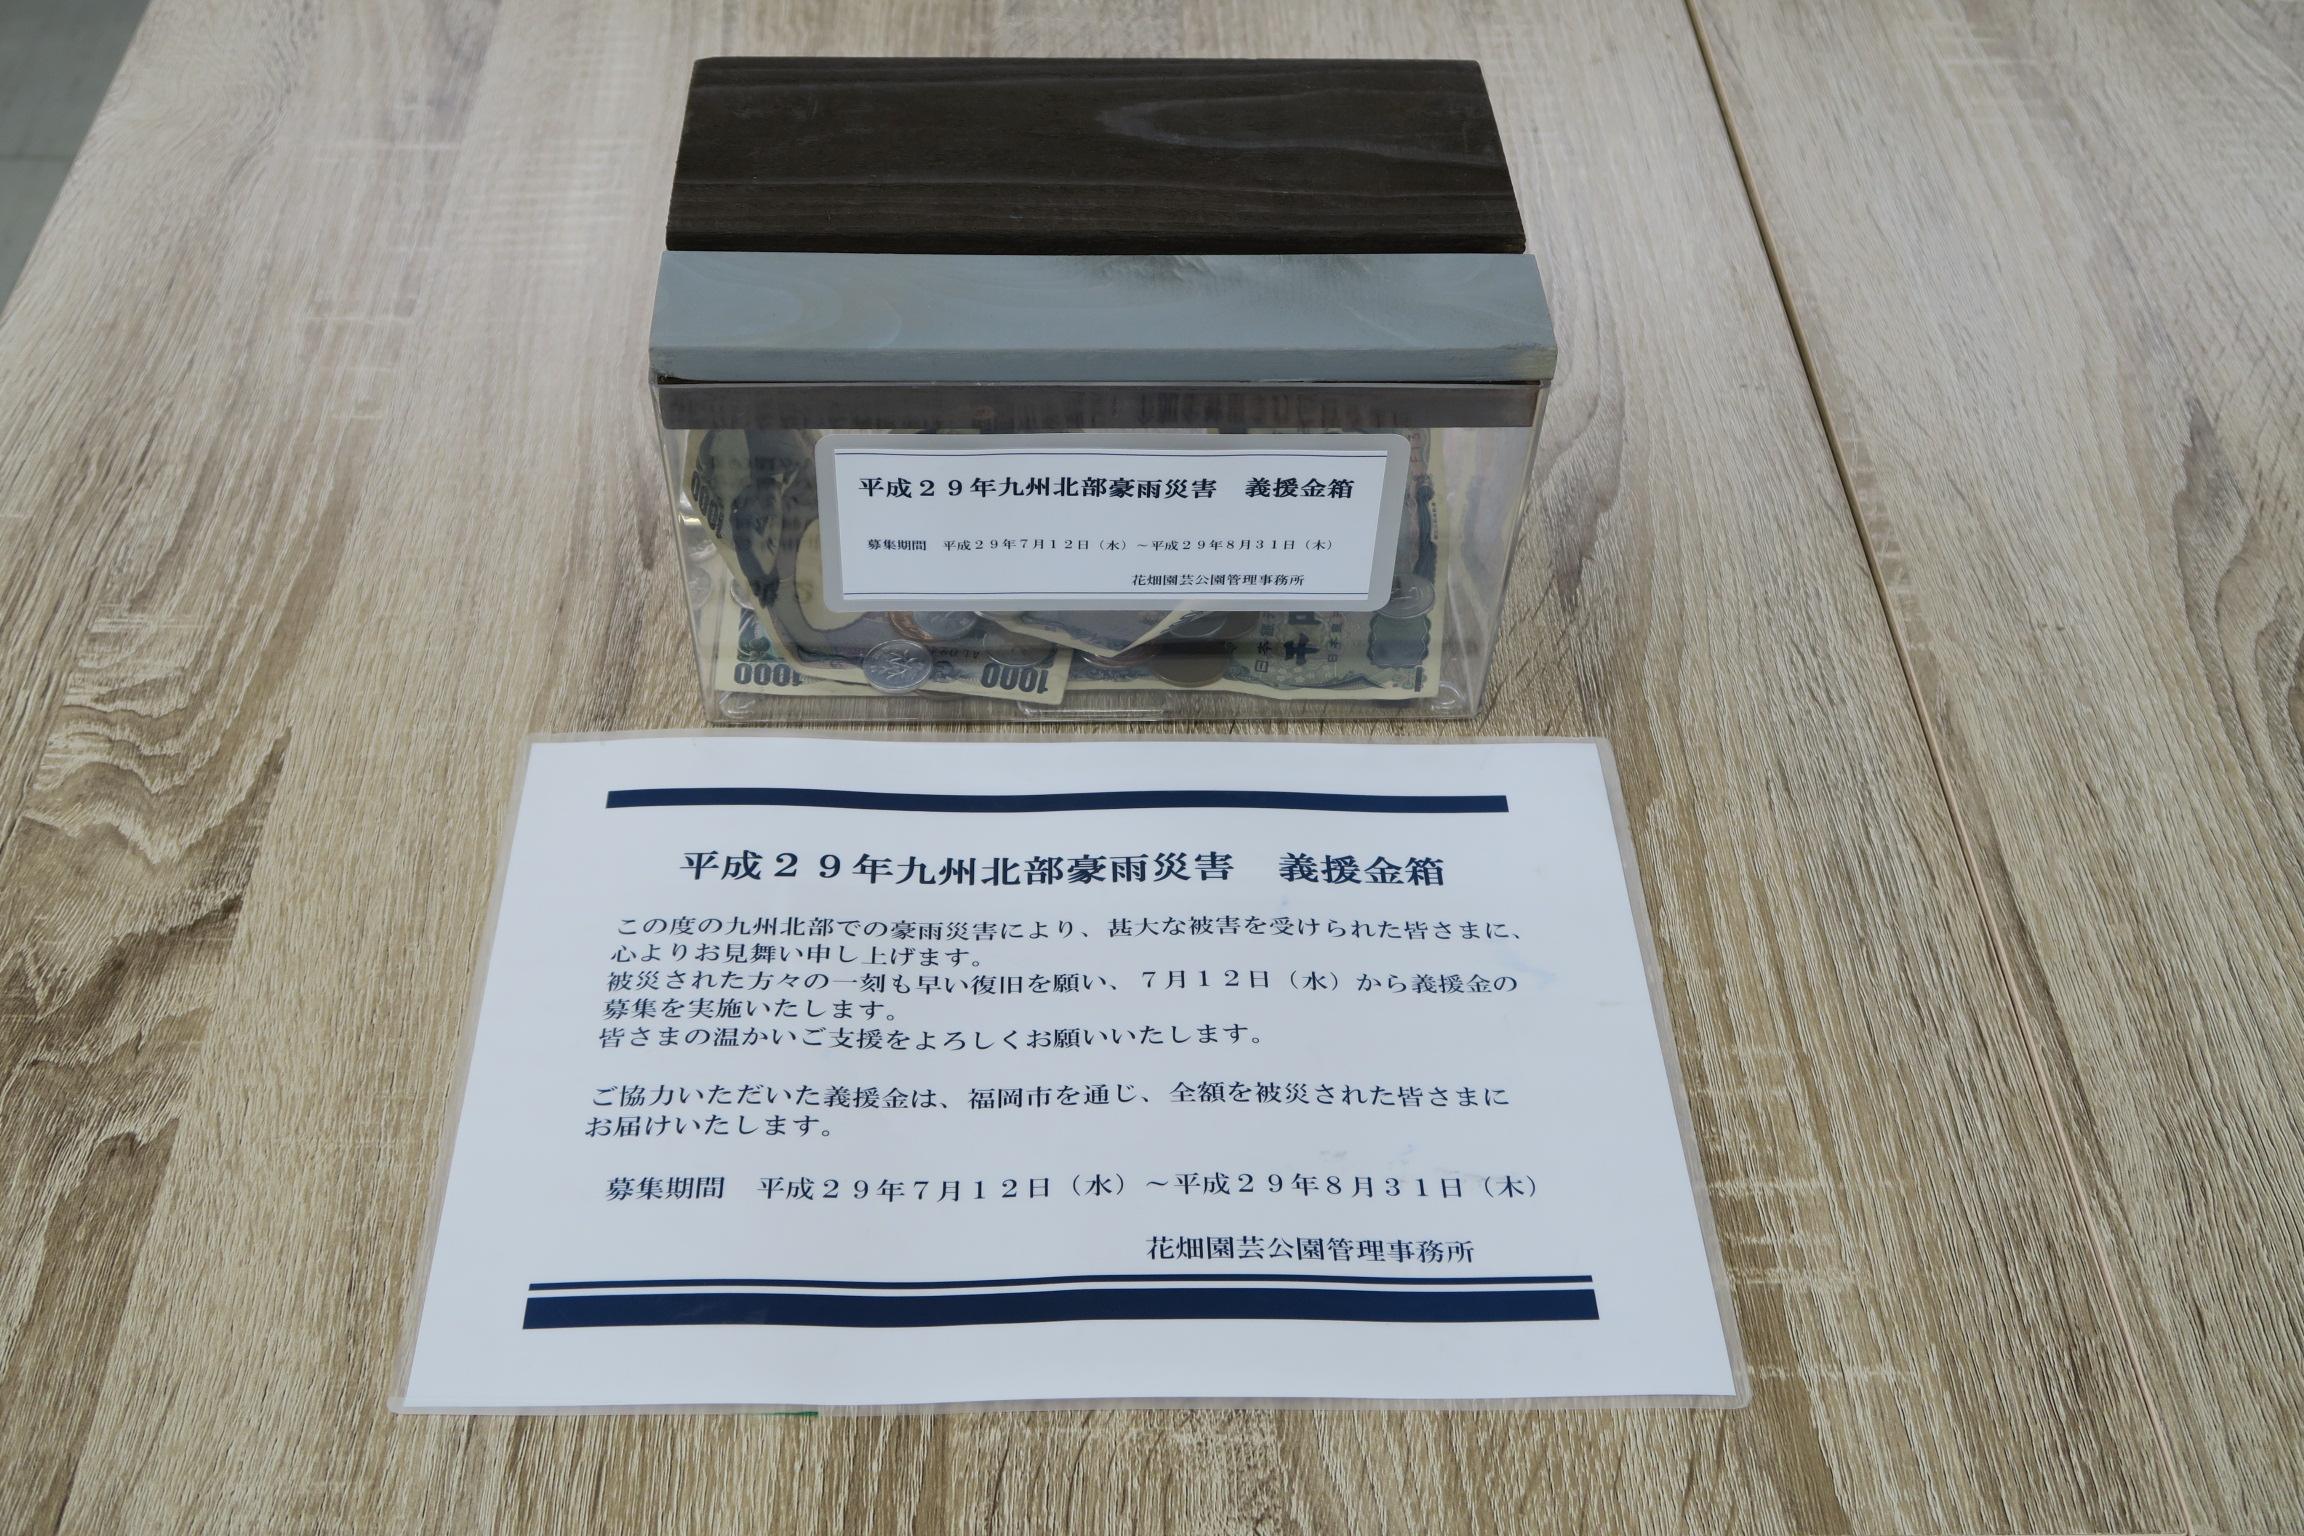 H29九州北部豪雨義援金箱設置 終了8月31日